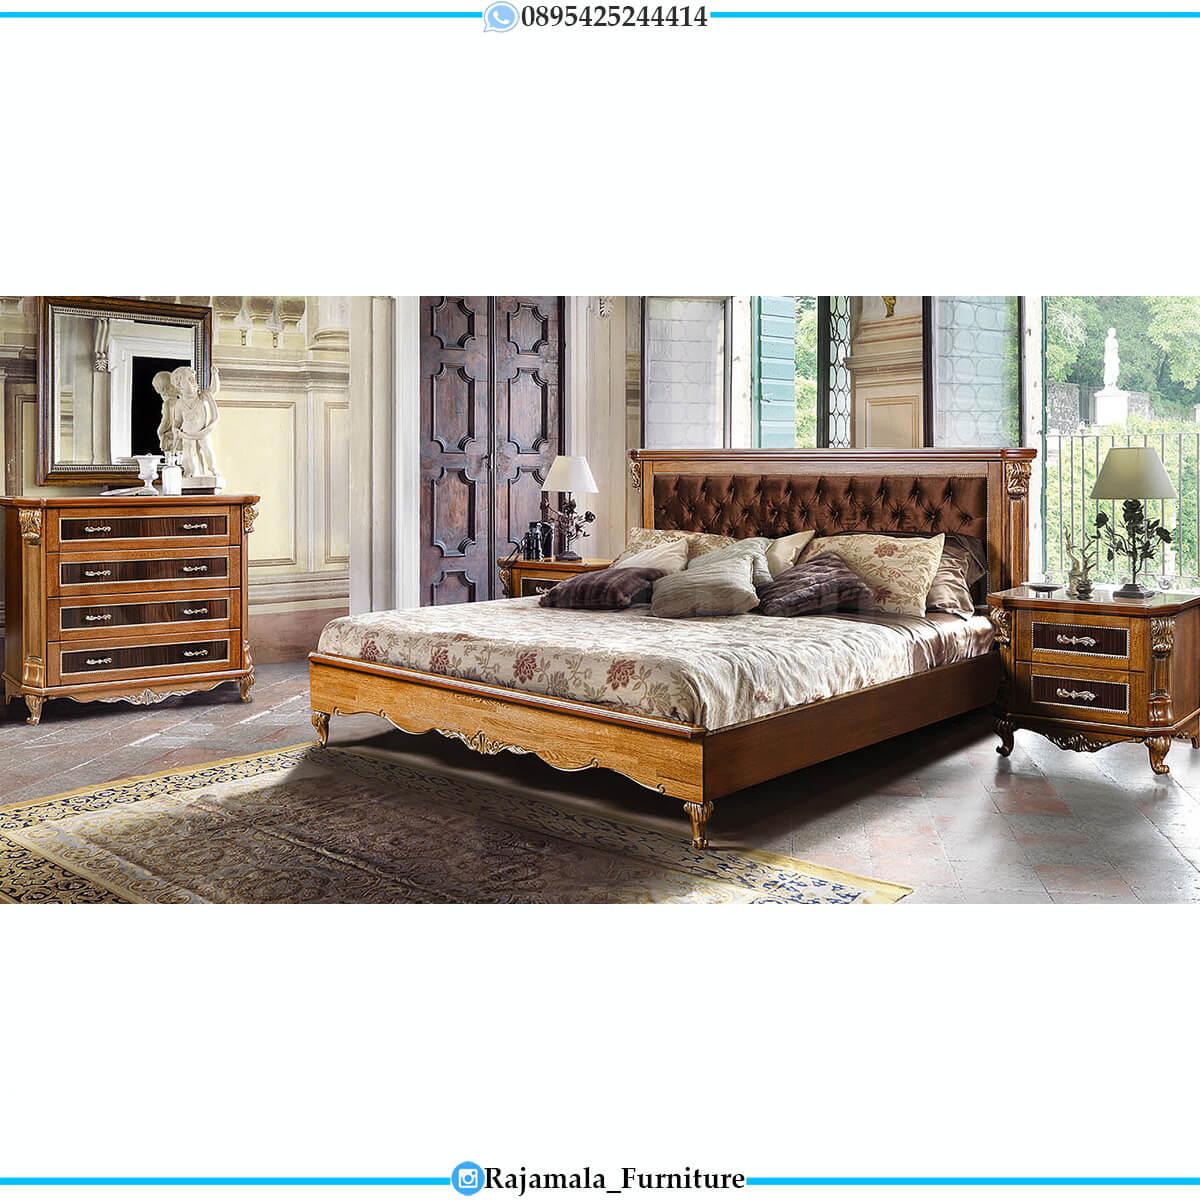 Jual Tempat Tidur Mewah Jati Natural Salak Brown Color RM-0698